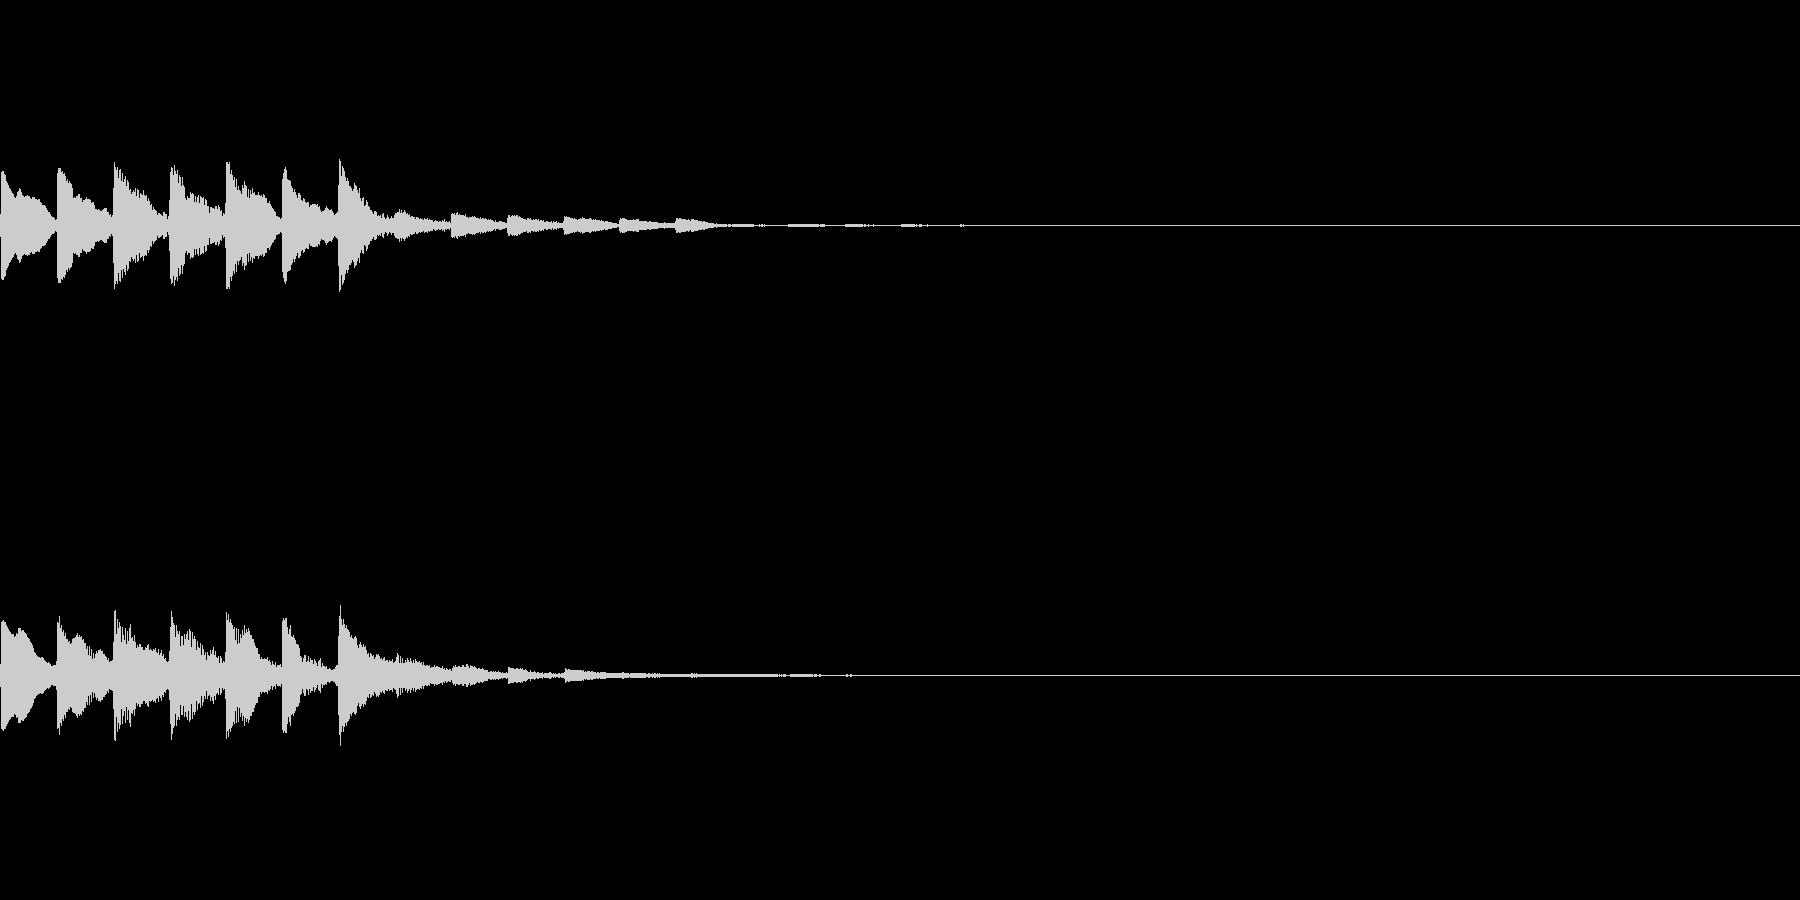 ピロロロロピ【決定音、タッチ音】の未再生の波形